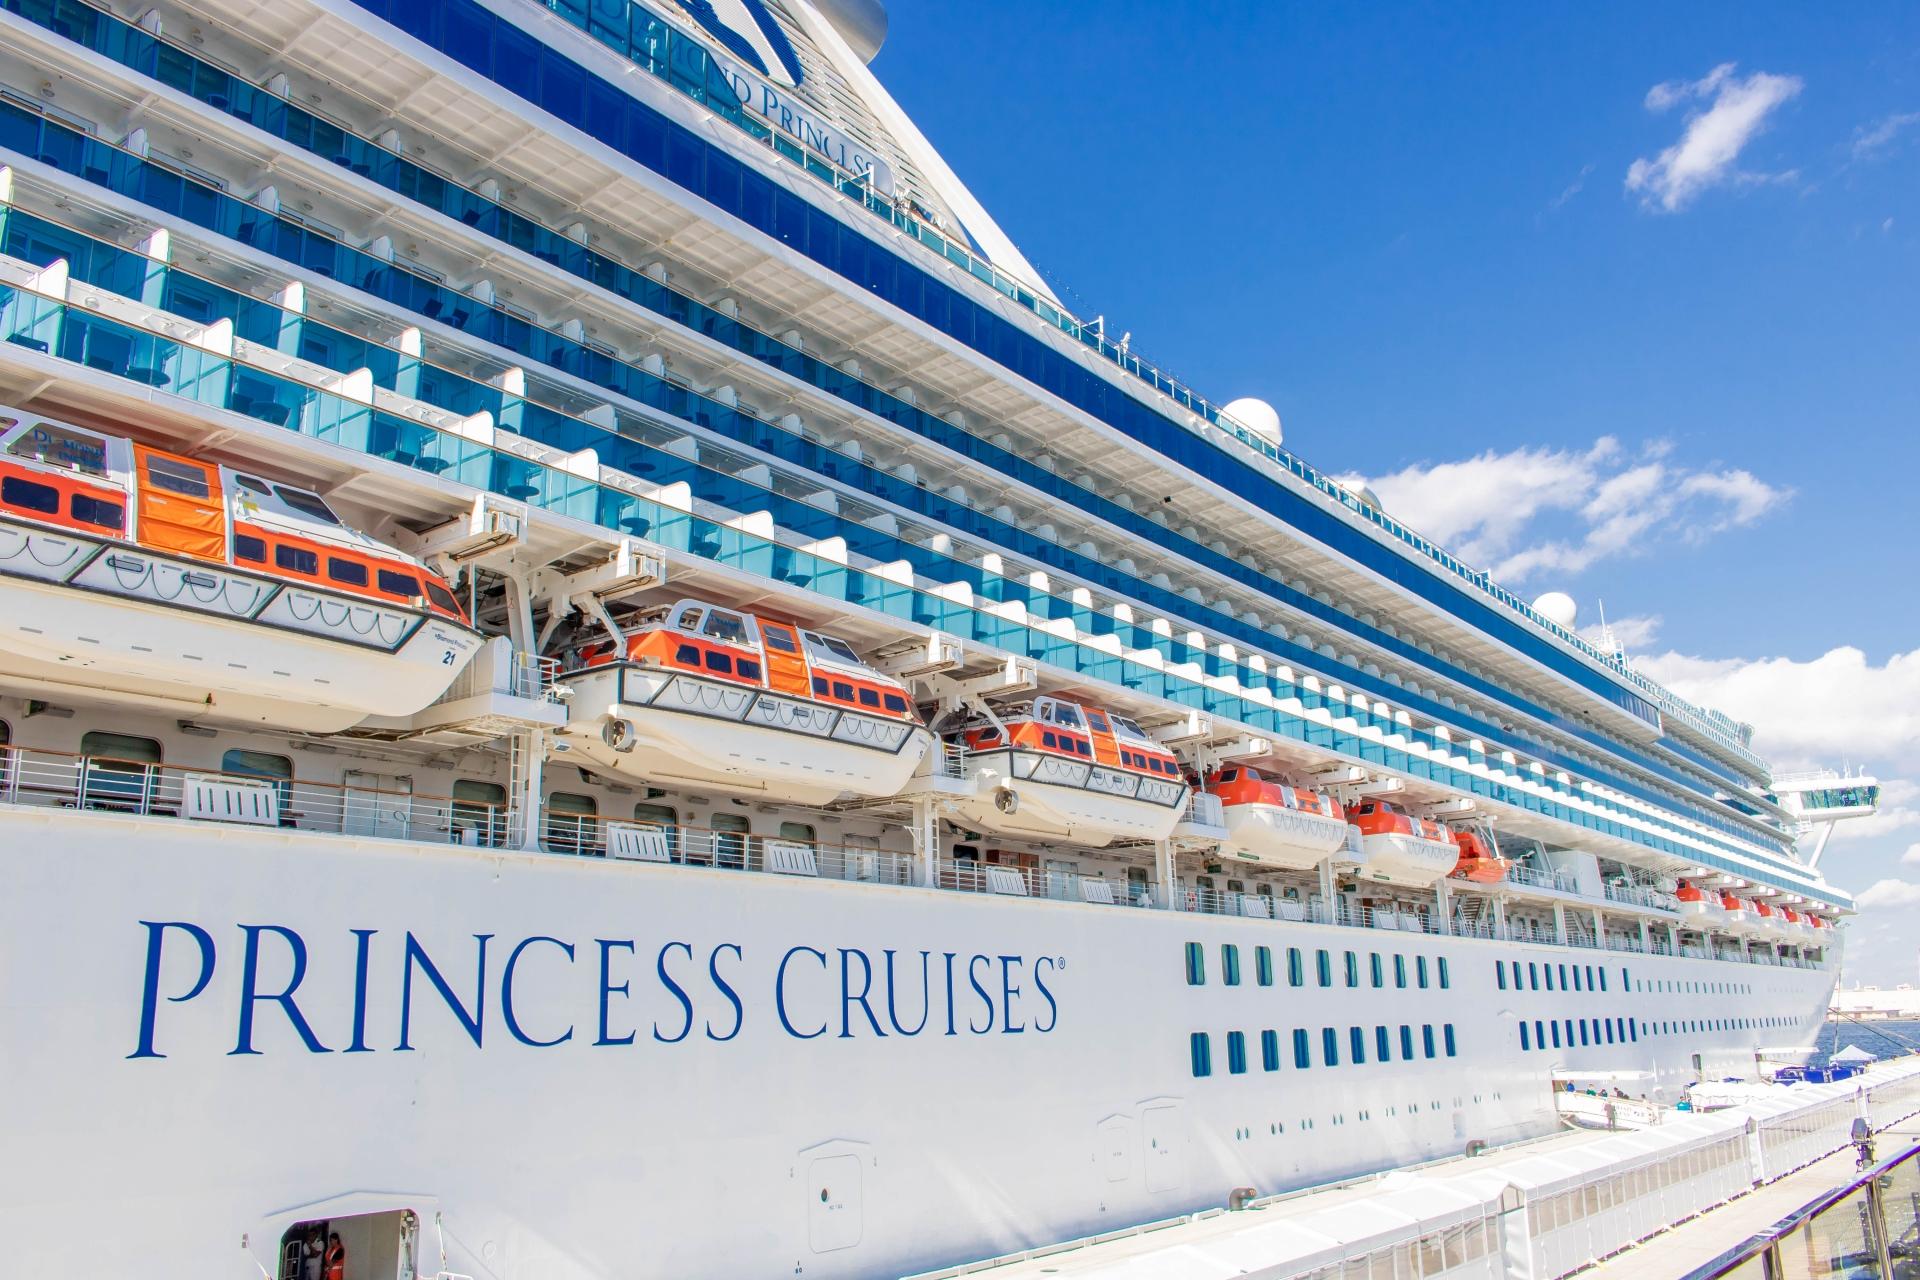 クルーズ船|コロナウイルスで待機の場合の料金や費用負担について